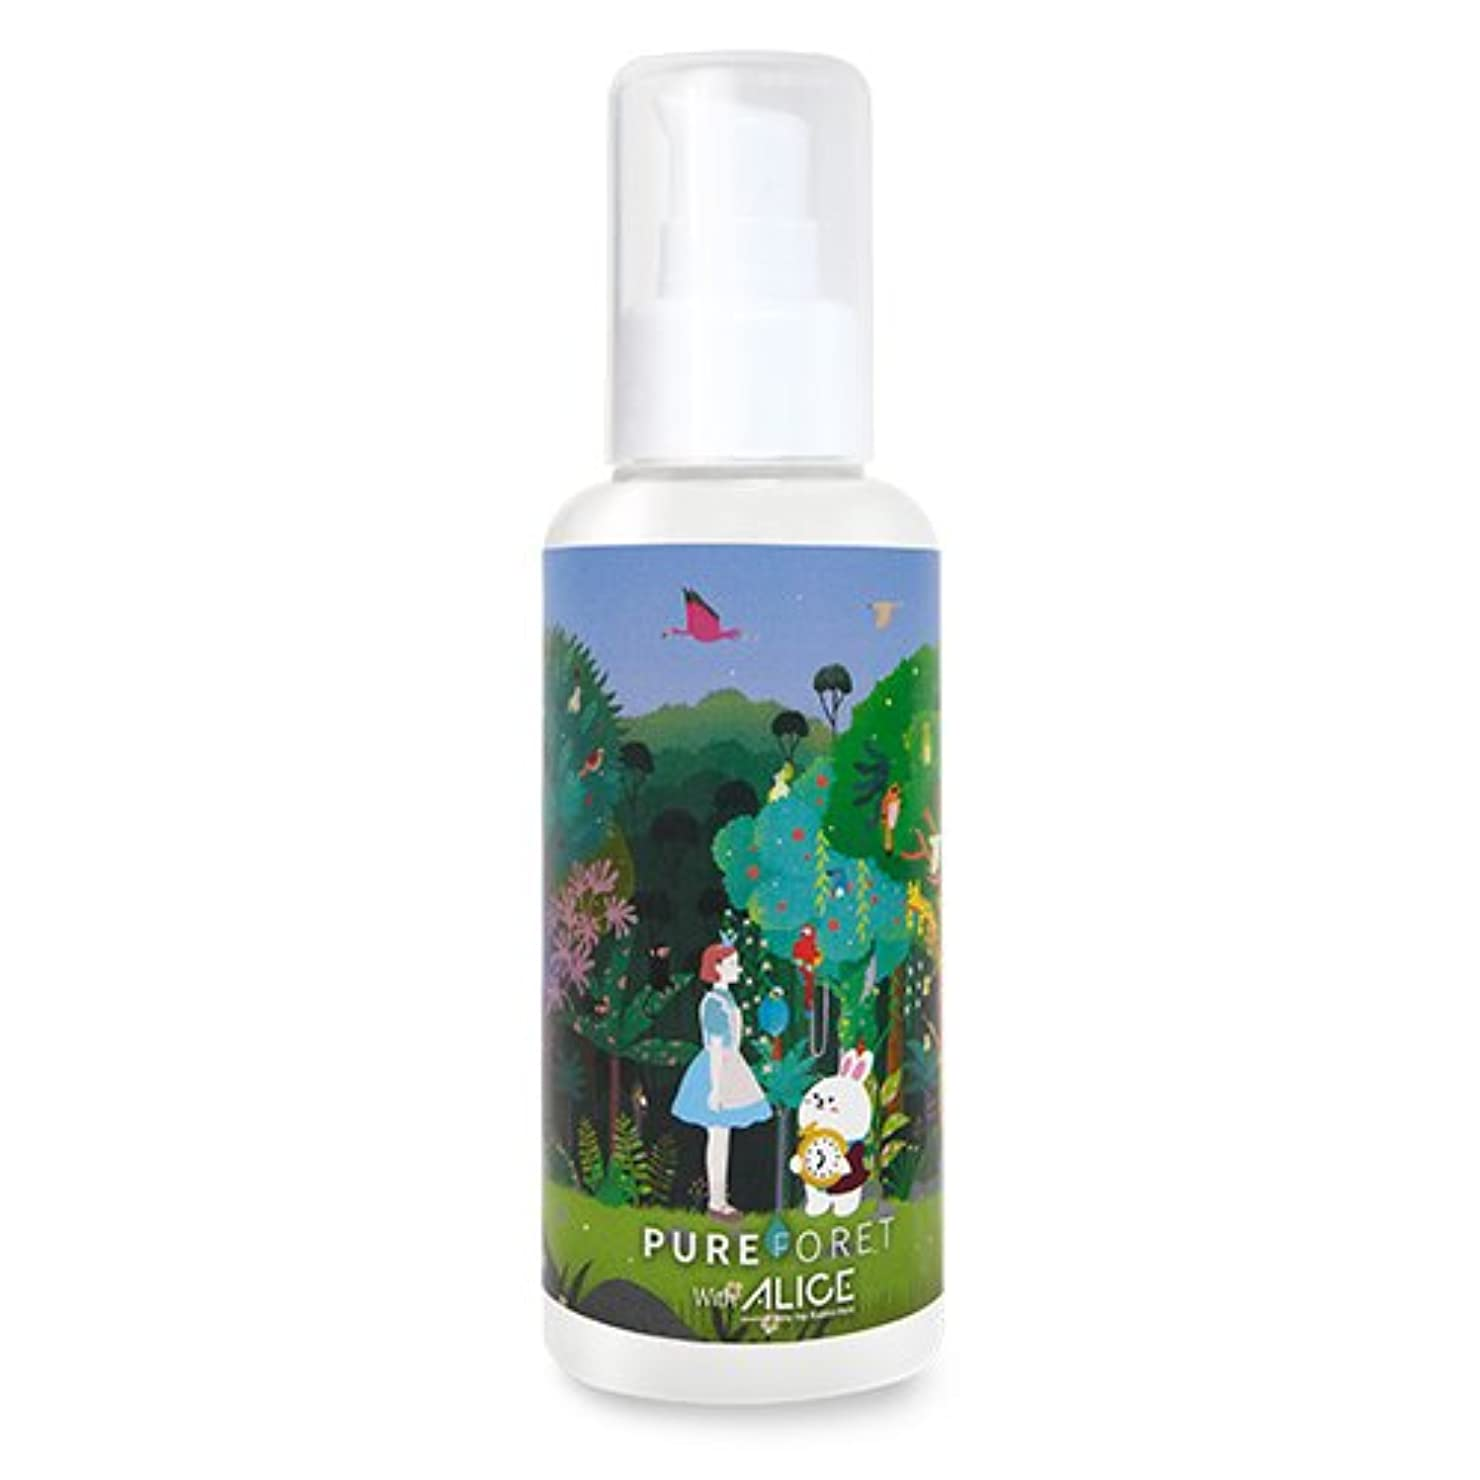 うめき声排泄物発生器韓国産 Pureforet x Alice スキンリペア ハイドレーティング スキン 化粧水 (150ml)